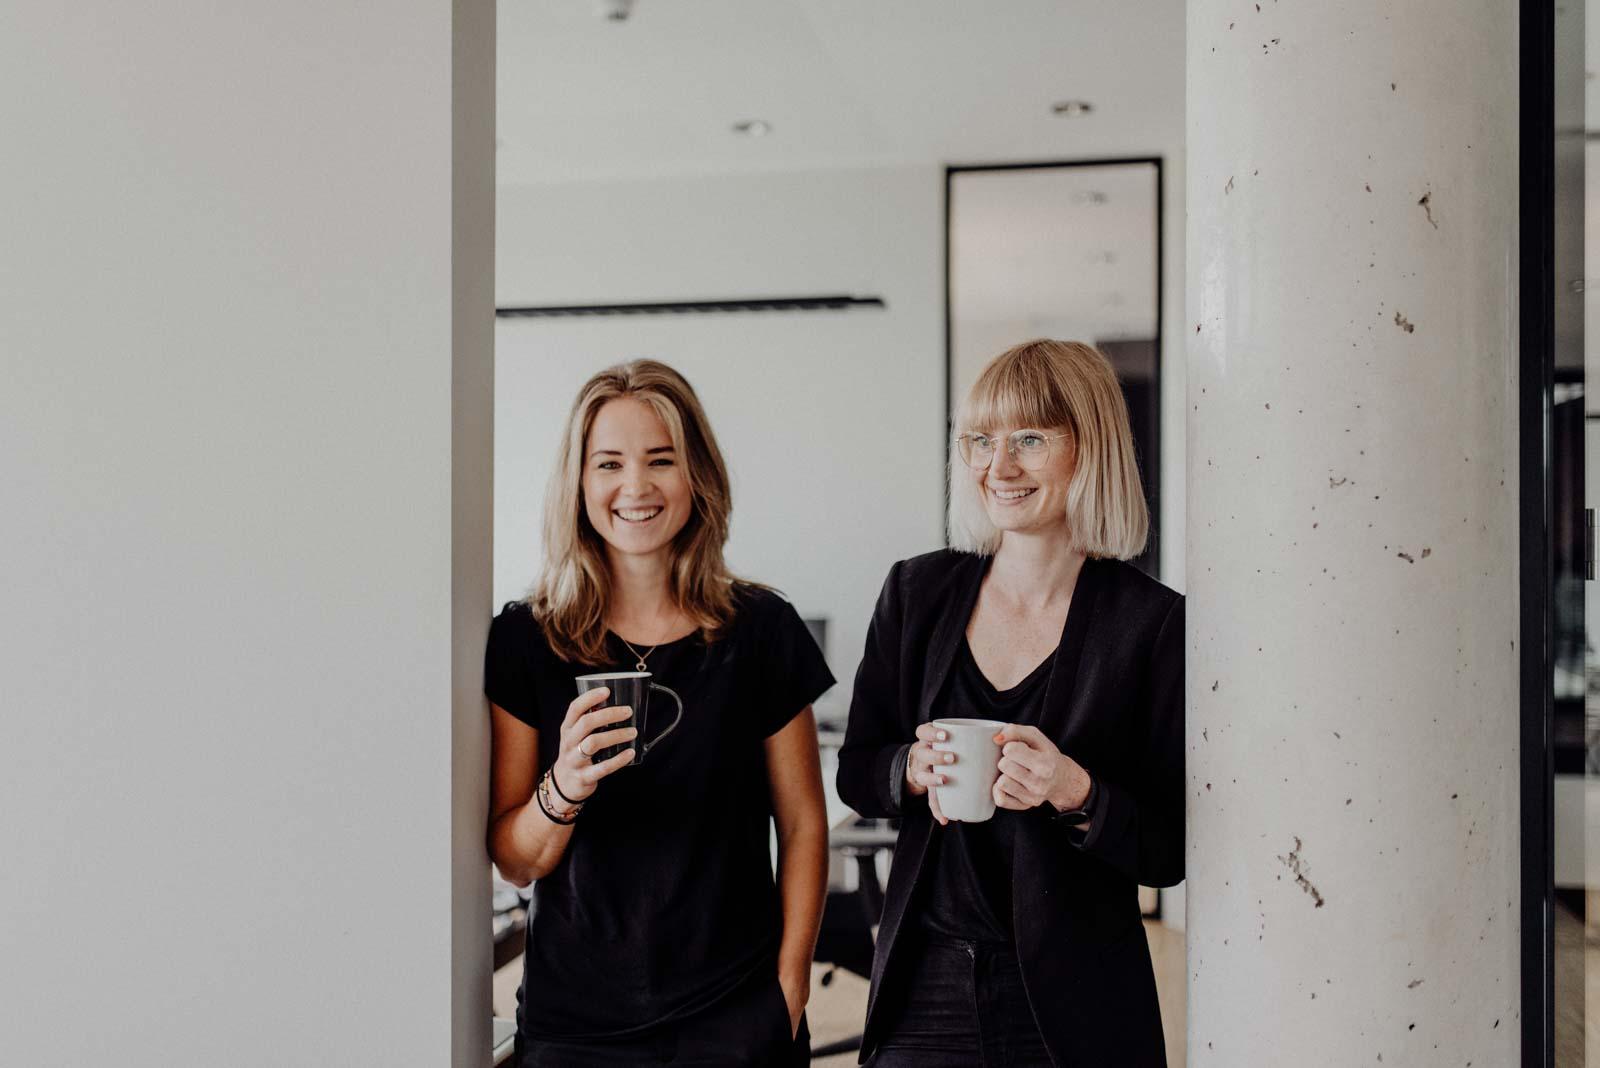 Architektinnen im Büro beim Kaffee trinken